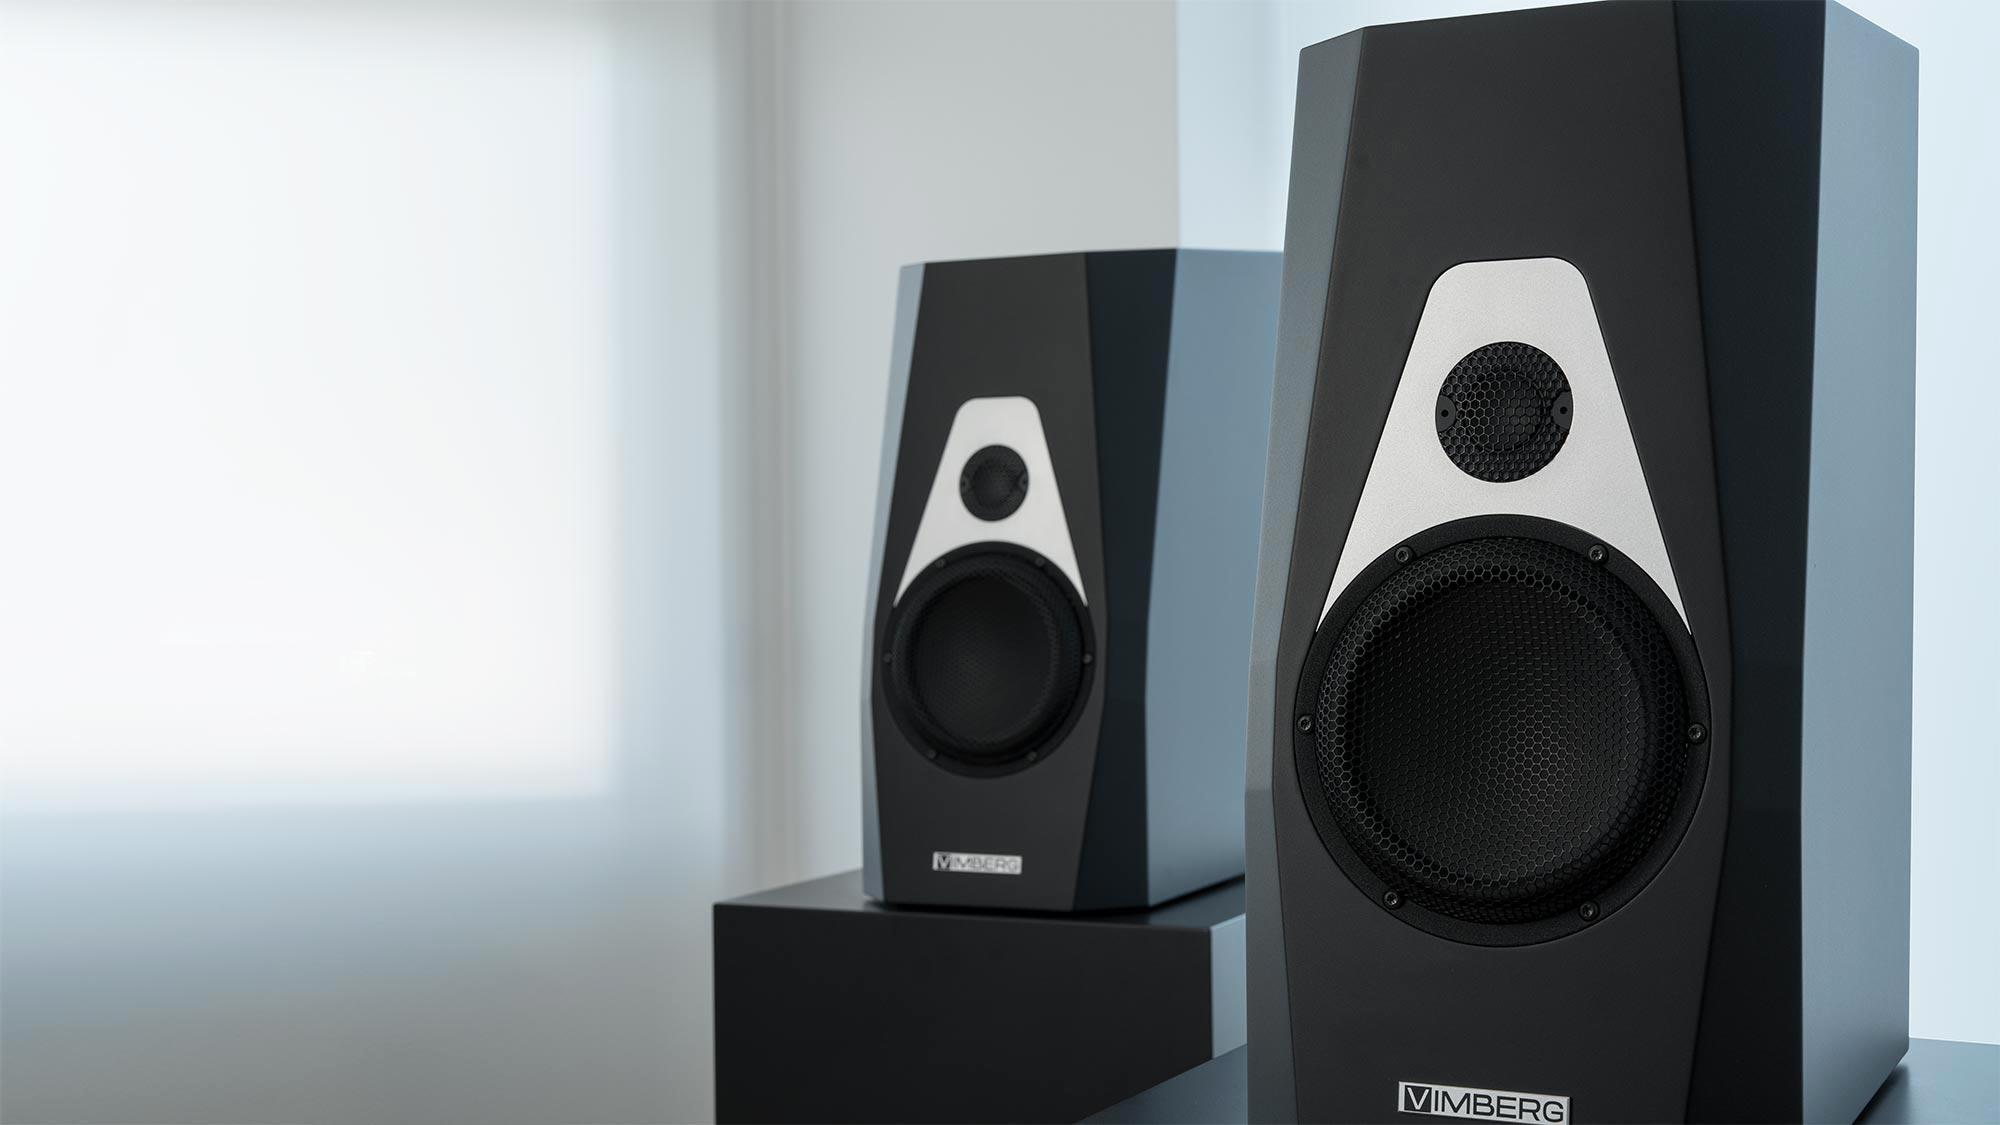 Vimberg Amea High-End állványos hangsugárzó, fekete színben